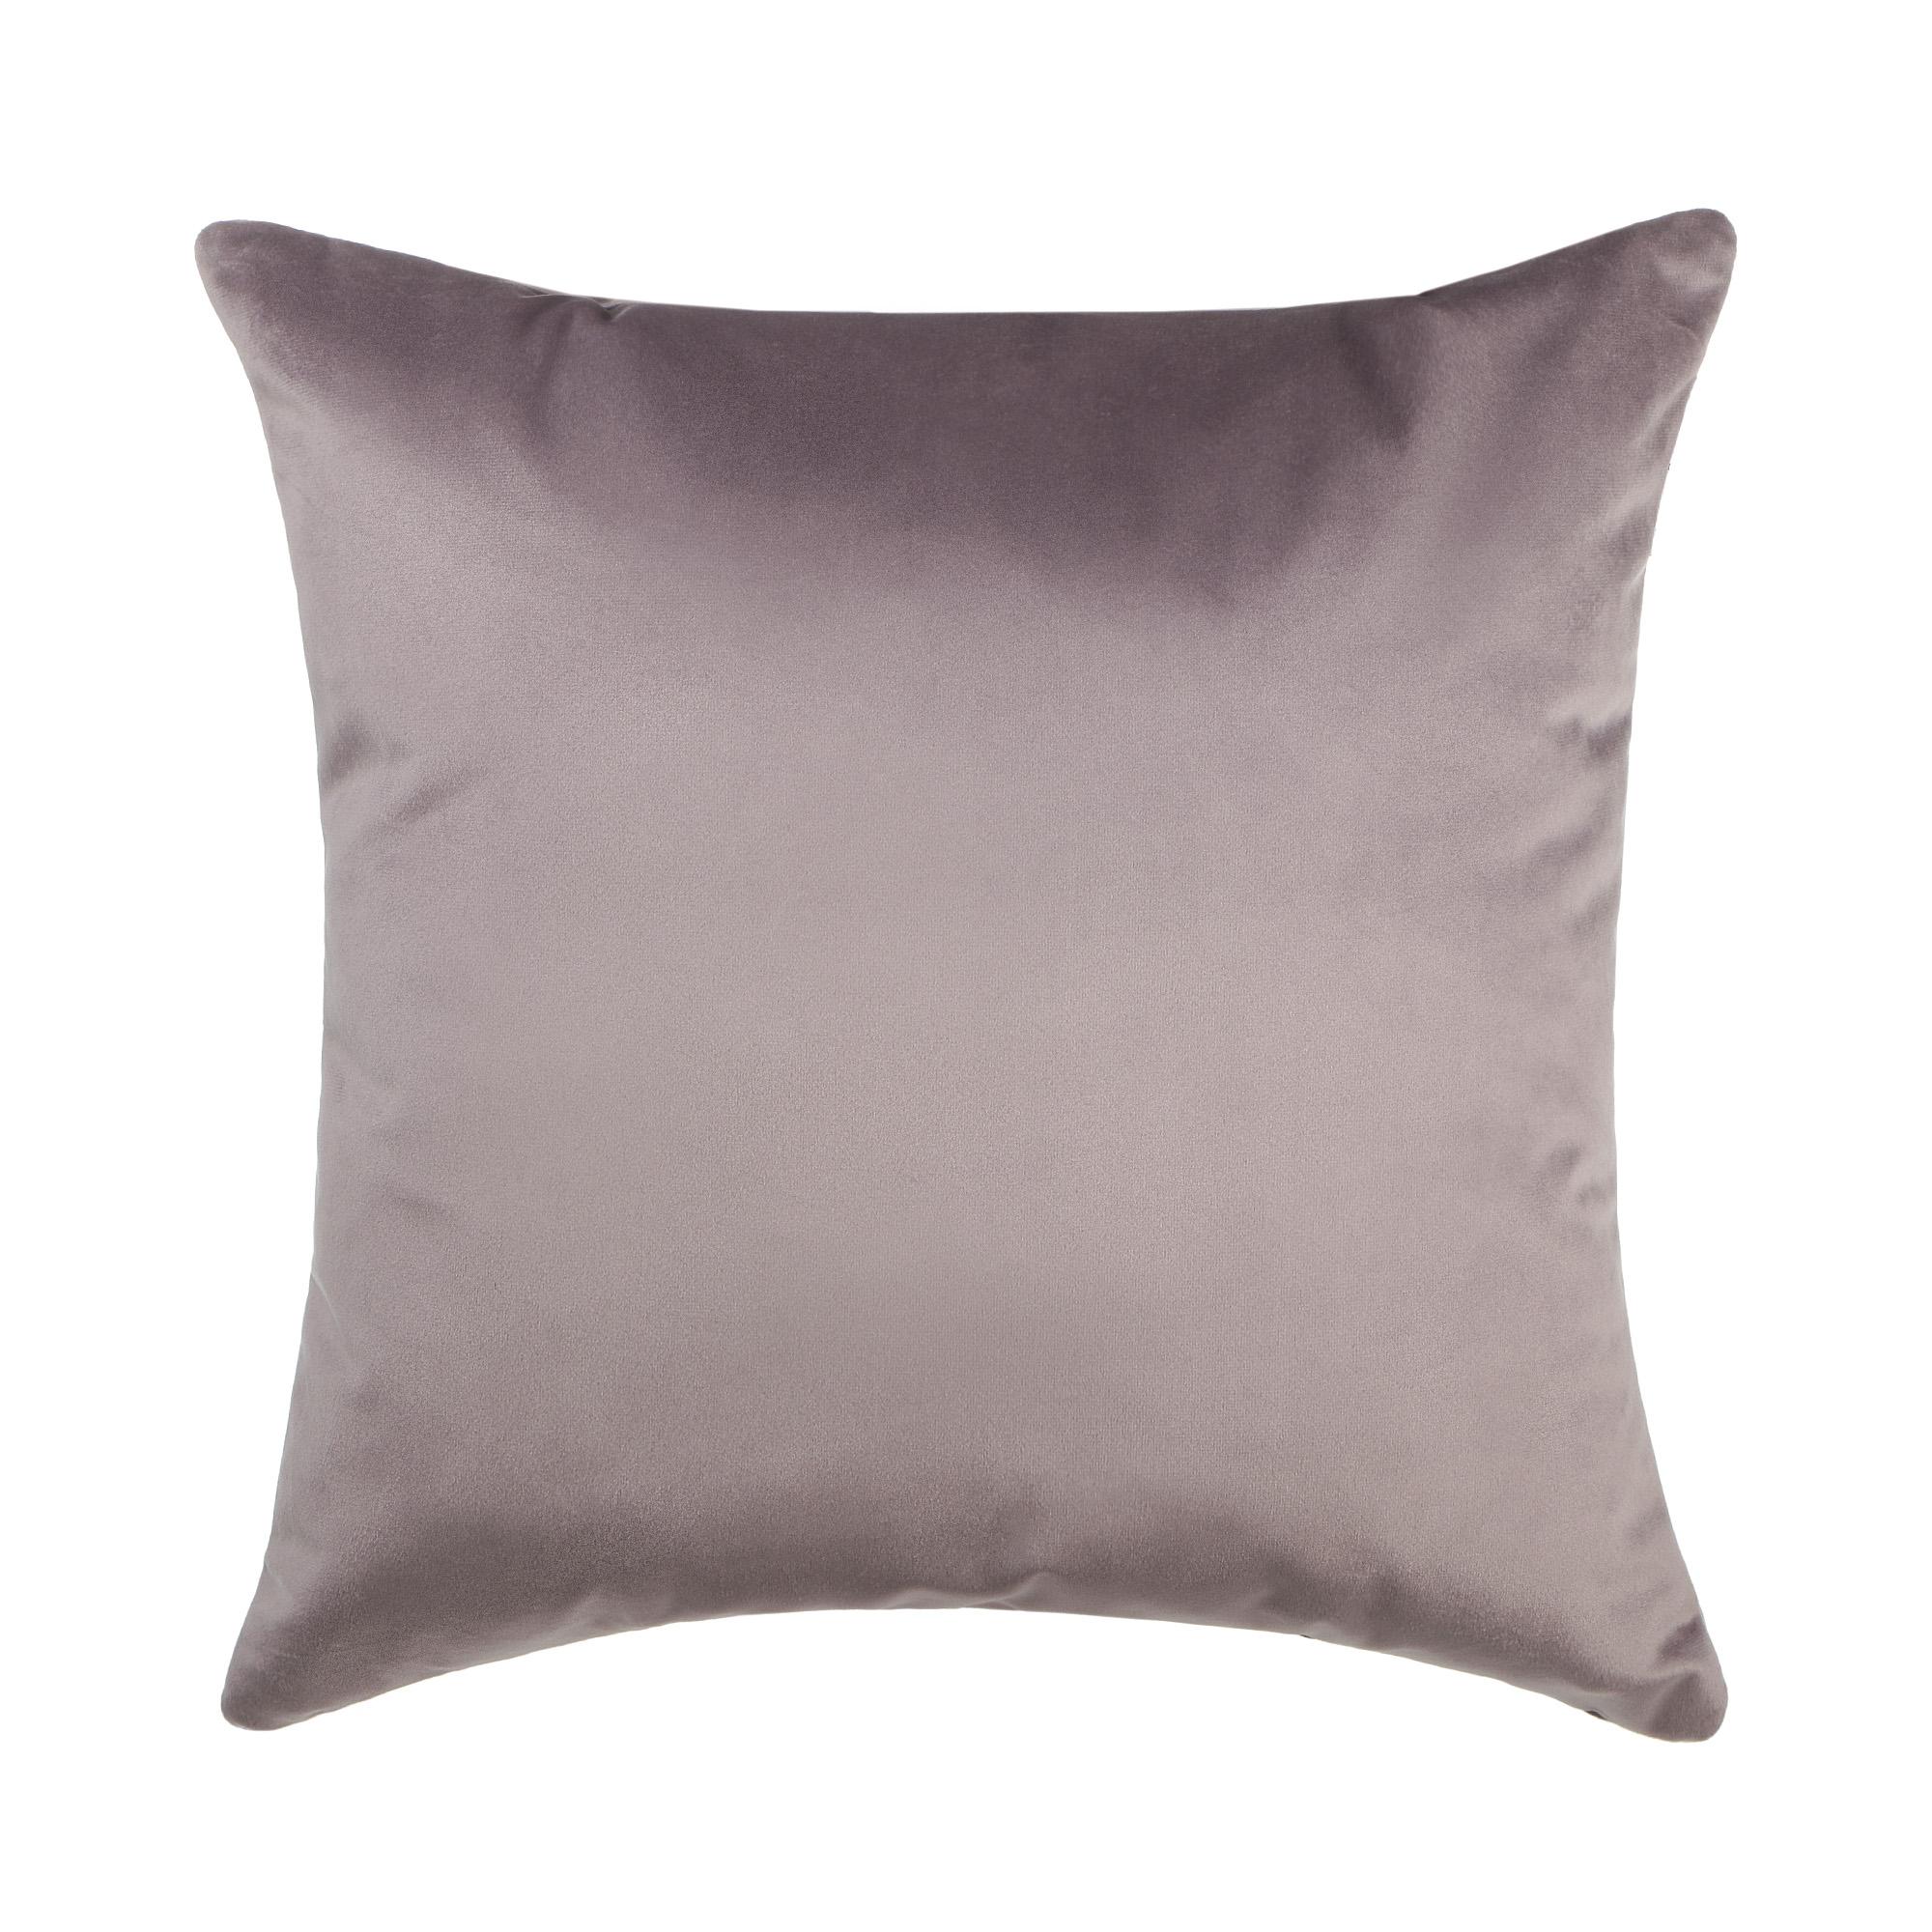 Декоративная подушка Sanpa Софи сиреневая 40х40 см подушка декоративная коллекция а6 камуфляж 40х40 см